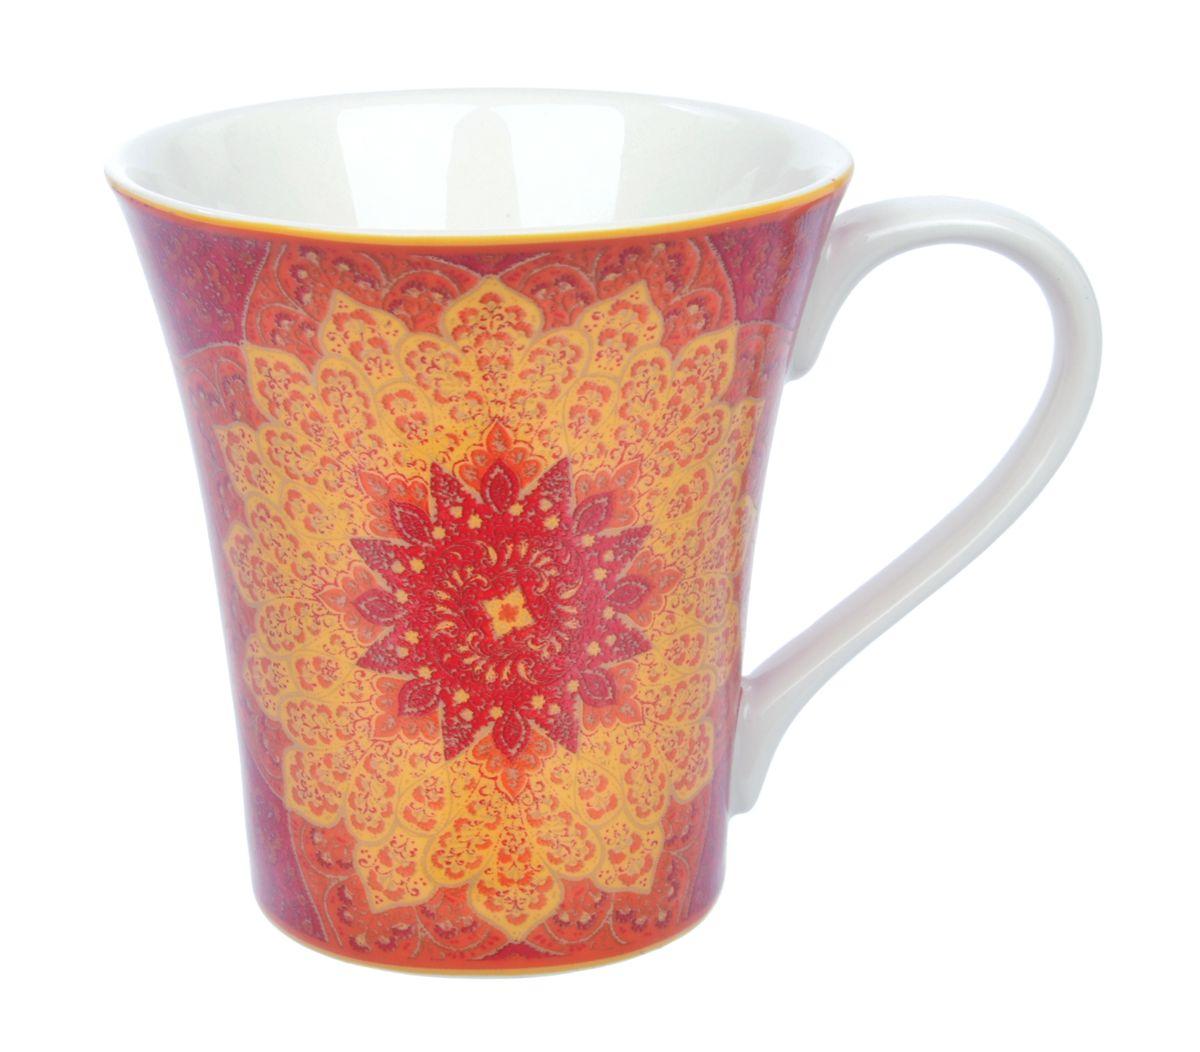 Кружка Kashan Red, 330 мл115510Кружка Kashan Red изготовлена из высококачественной керамики. Внешние стенки изделия оформлены красочным цветочным рисунком. Такая кружка прекрасно подойдет для горячих и холодных напитков. Она дополнит коллекцию вашей кухонной посуды и будет служить долгие годы. Можно использовать в посудомоечной машине и СВЧ. Объем кружки: 330 мл. Диаметр кружки (по верхнему краю): 10 см. Высота стенки кружки: 10,5 см.